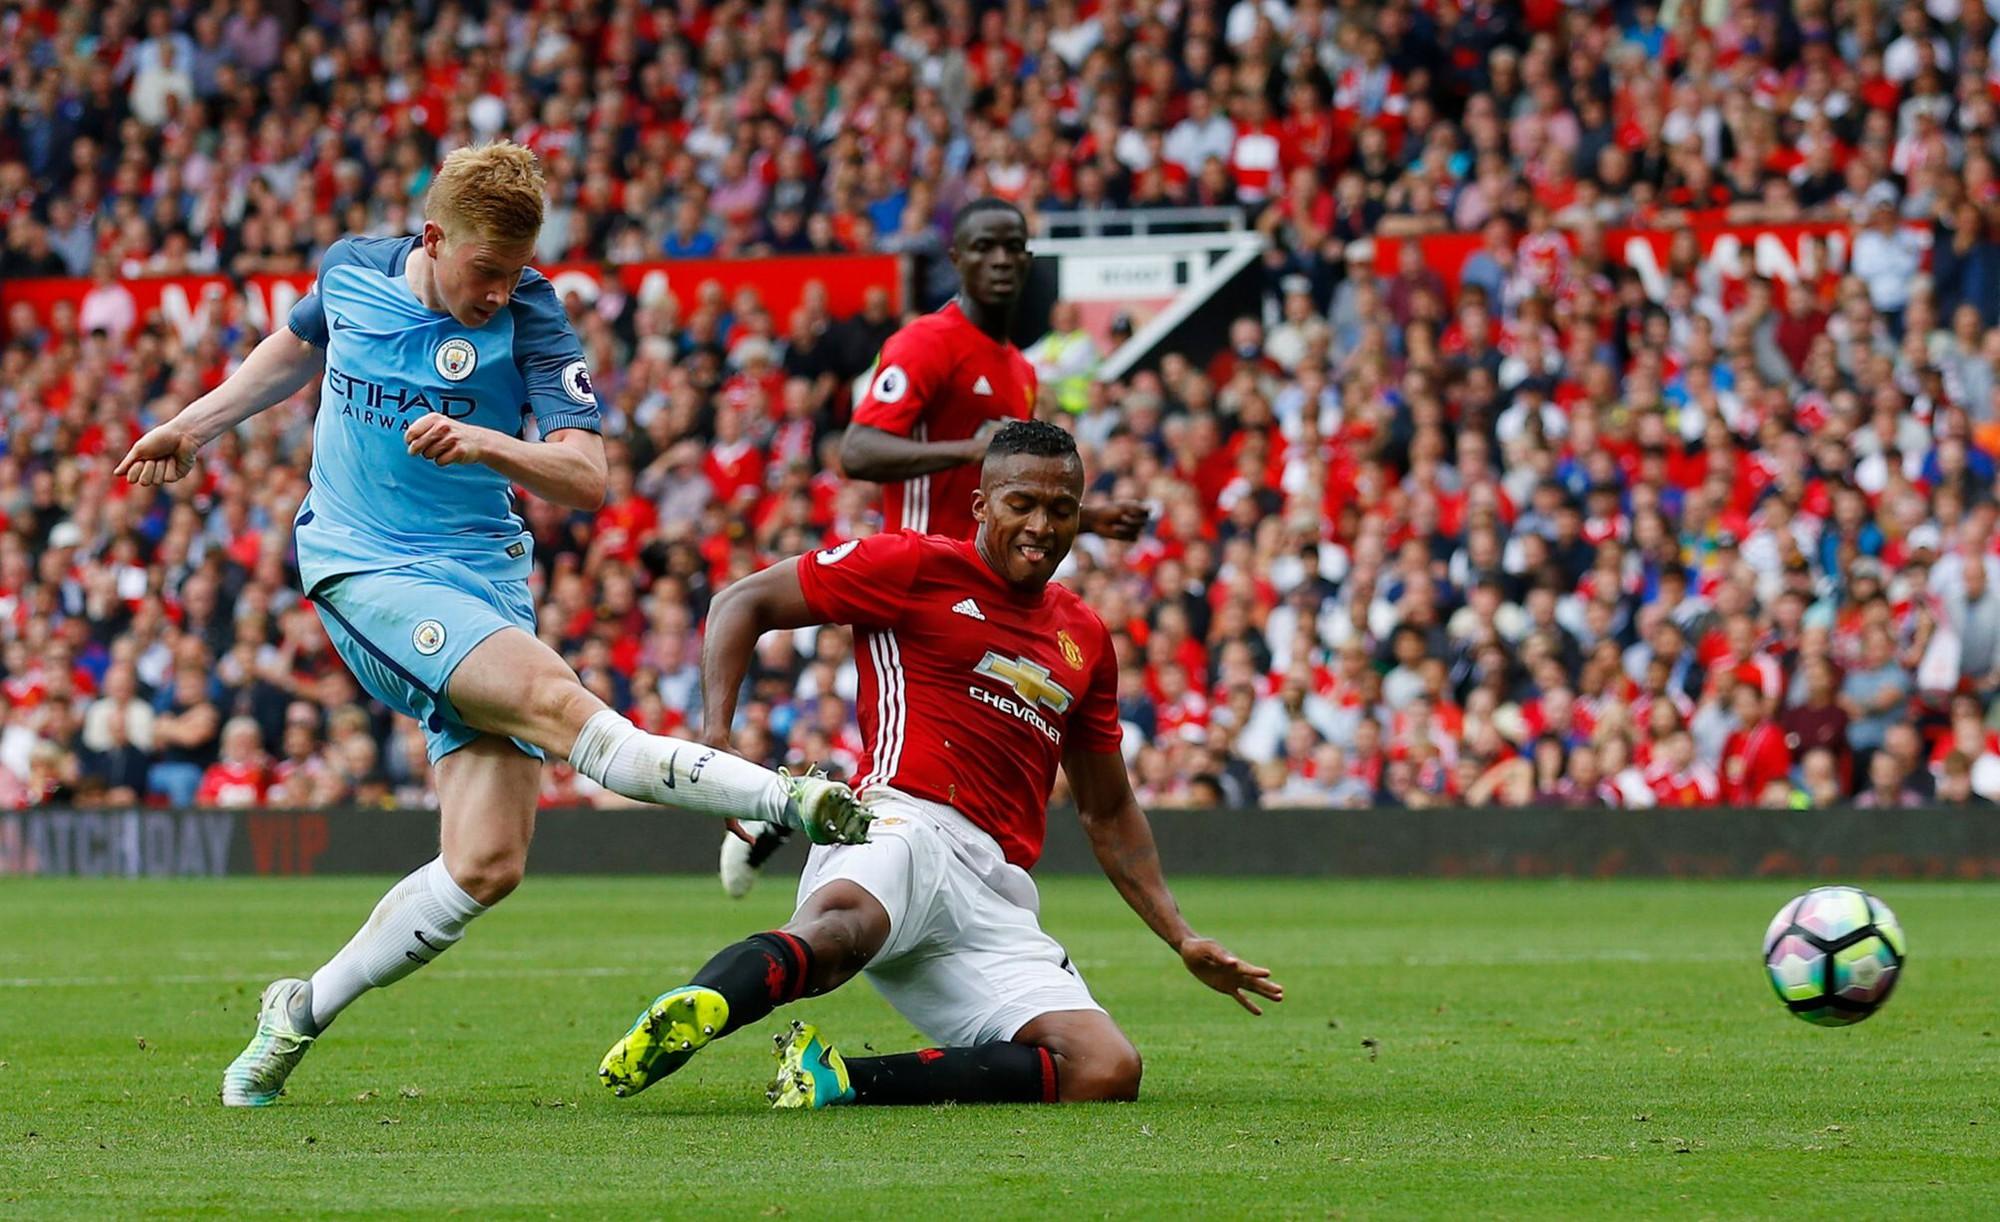 Công và tội của Mourinho sau 18 tháng ở Man Utd? - Ảnh 4.